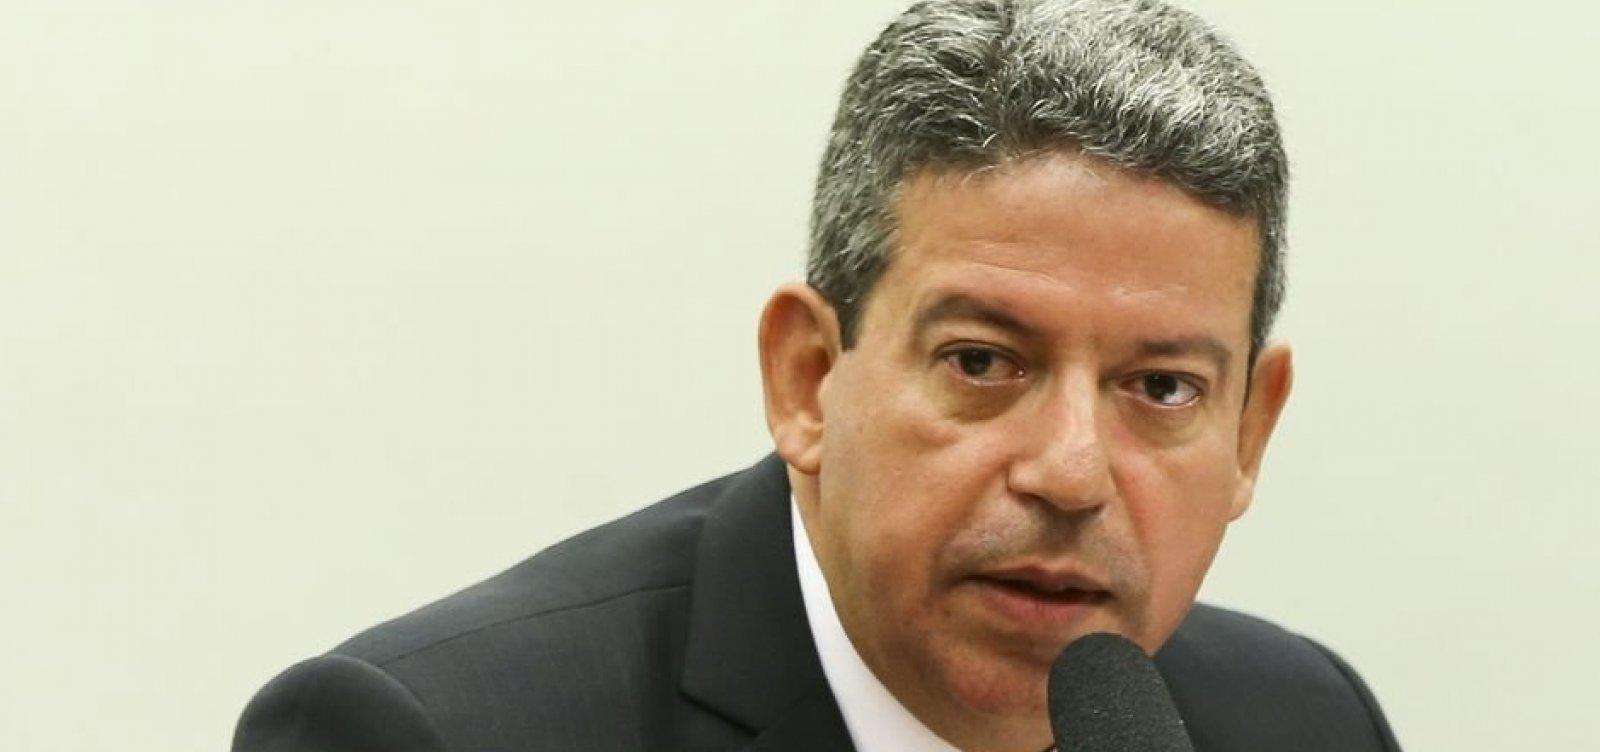 [Troca de comando na Petrobras cria 'bolha histérica', diz presidente da Câmara ]